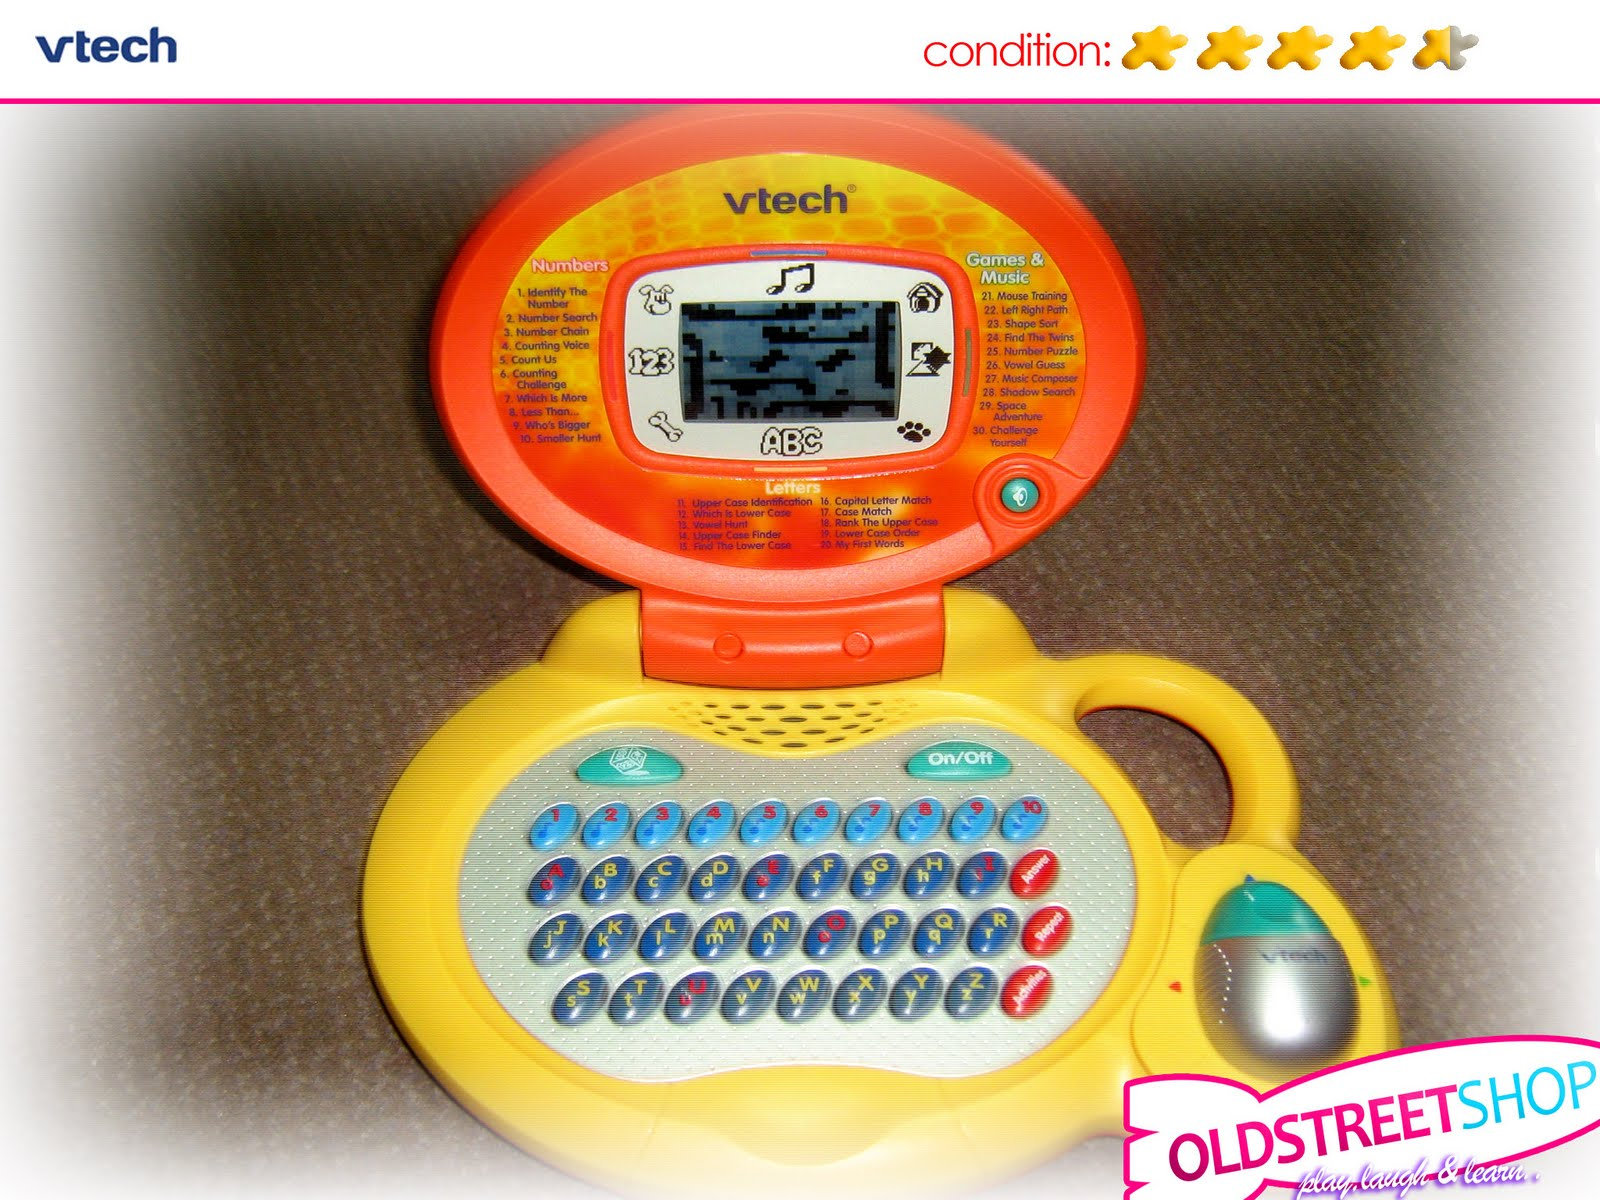 Oldstreetshop Vtech Laptop